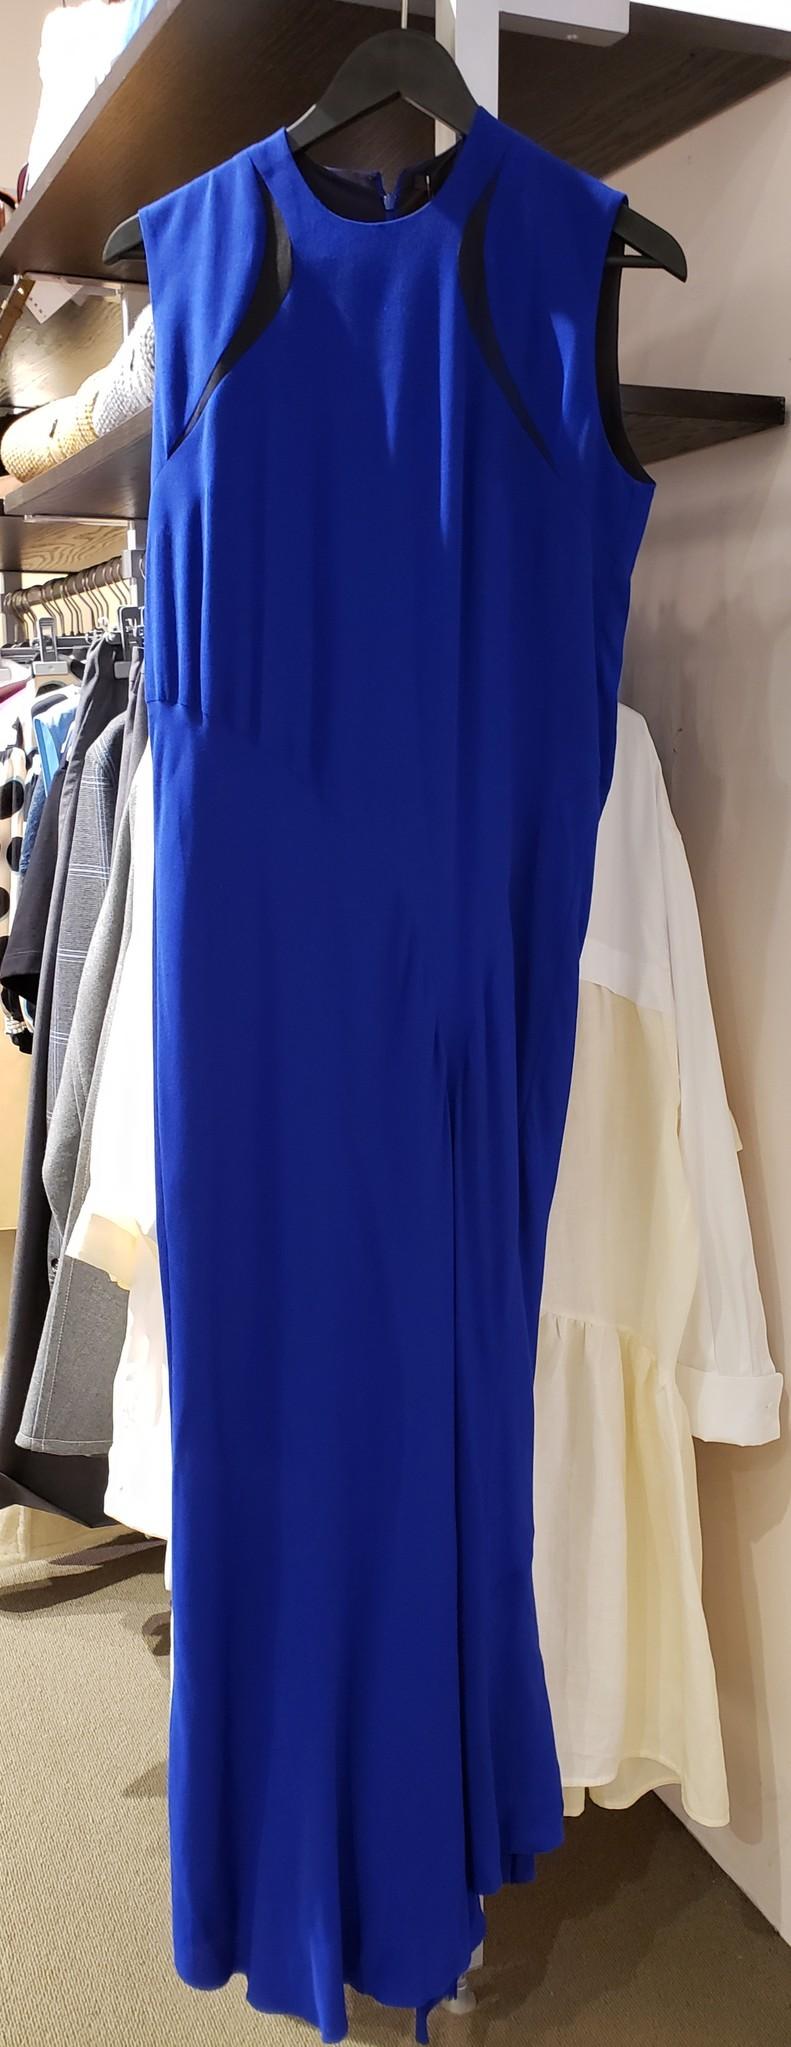 Dress - Blue w/bl. insert - Sz. 38-1